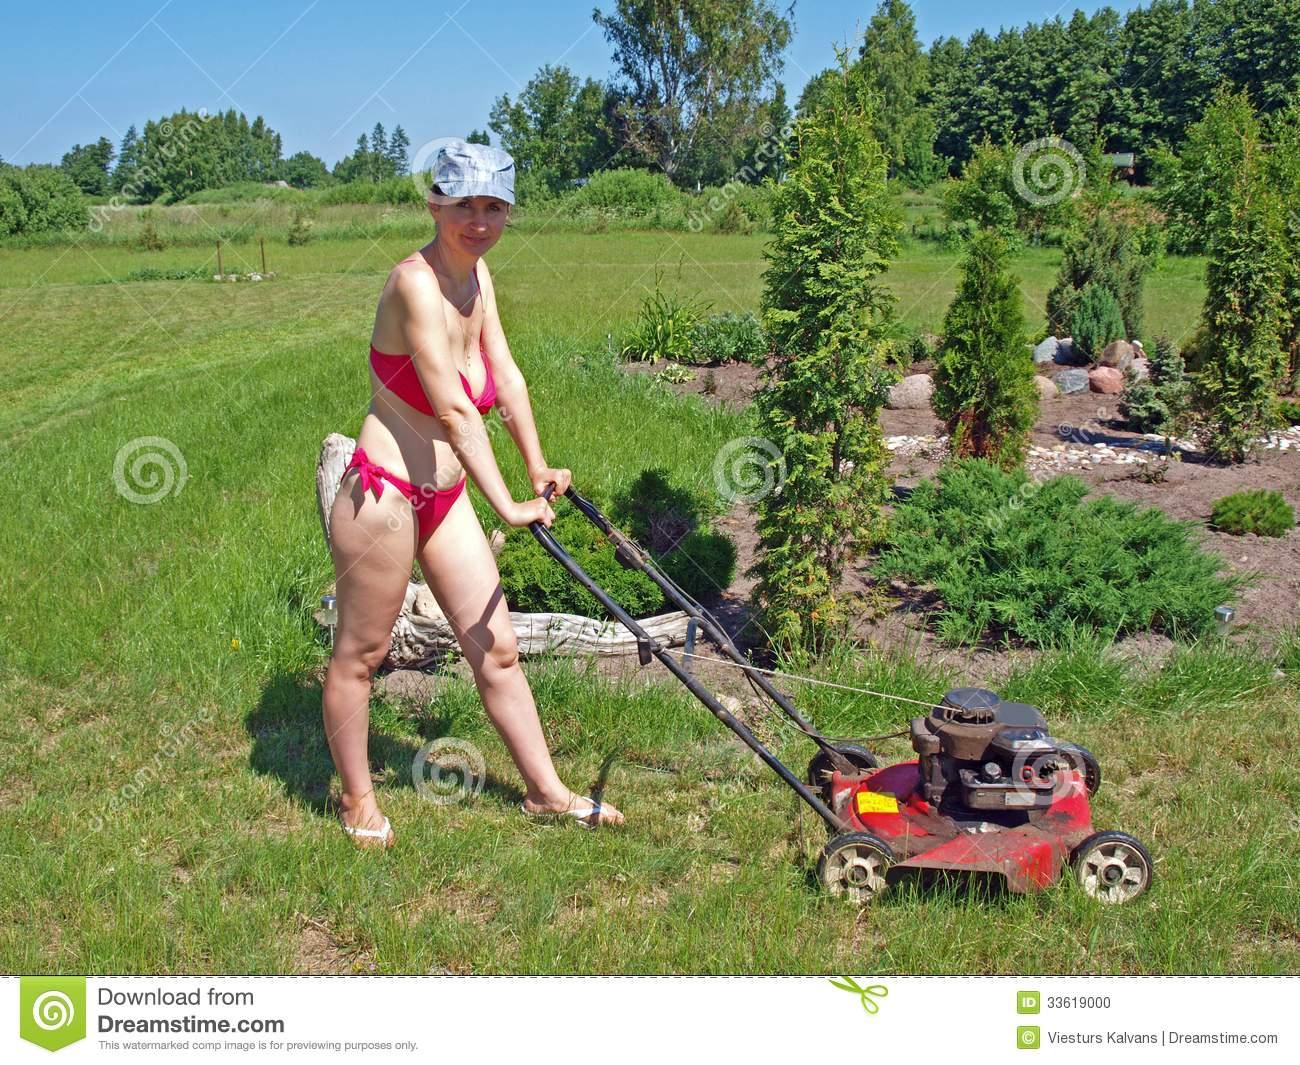 famke janssen hot naked